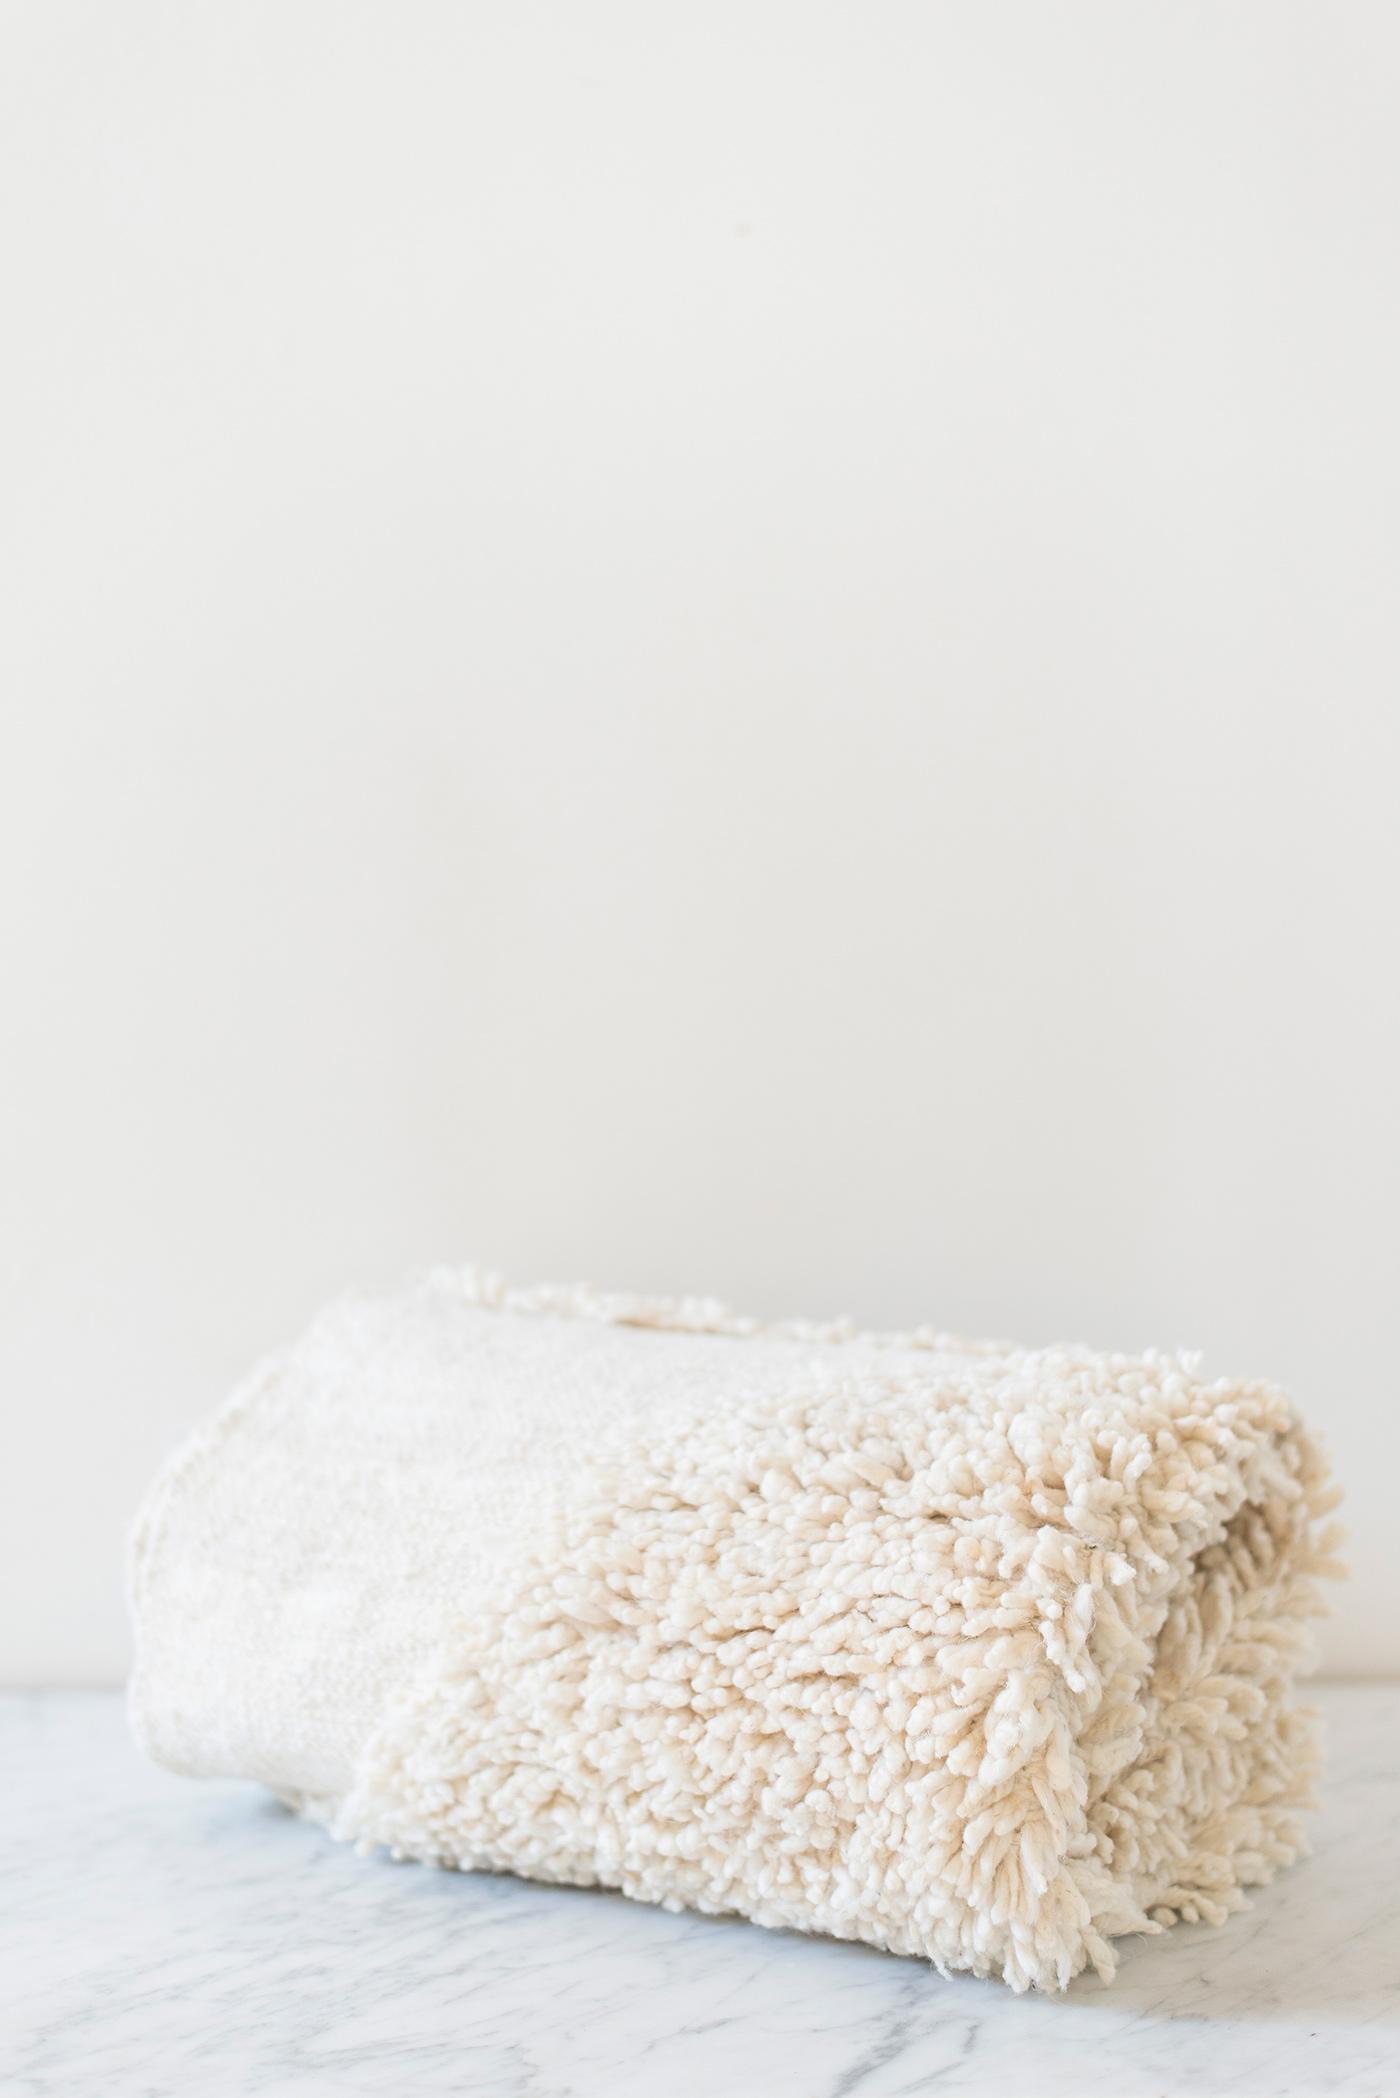 Que Onda Vos Pelu Blanco #4